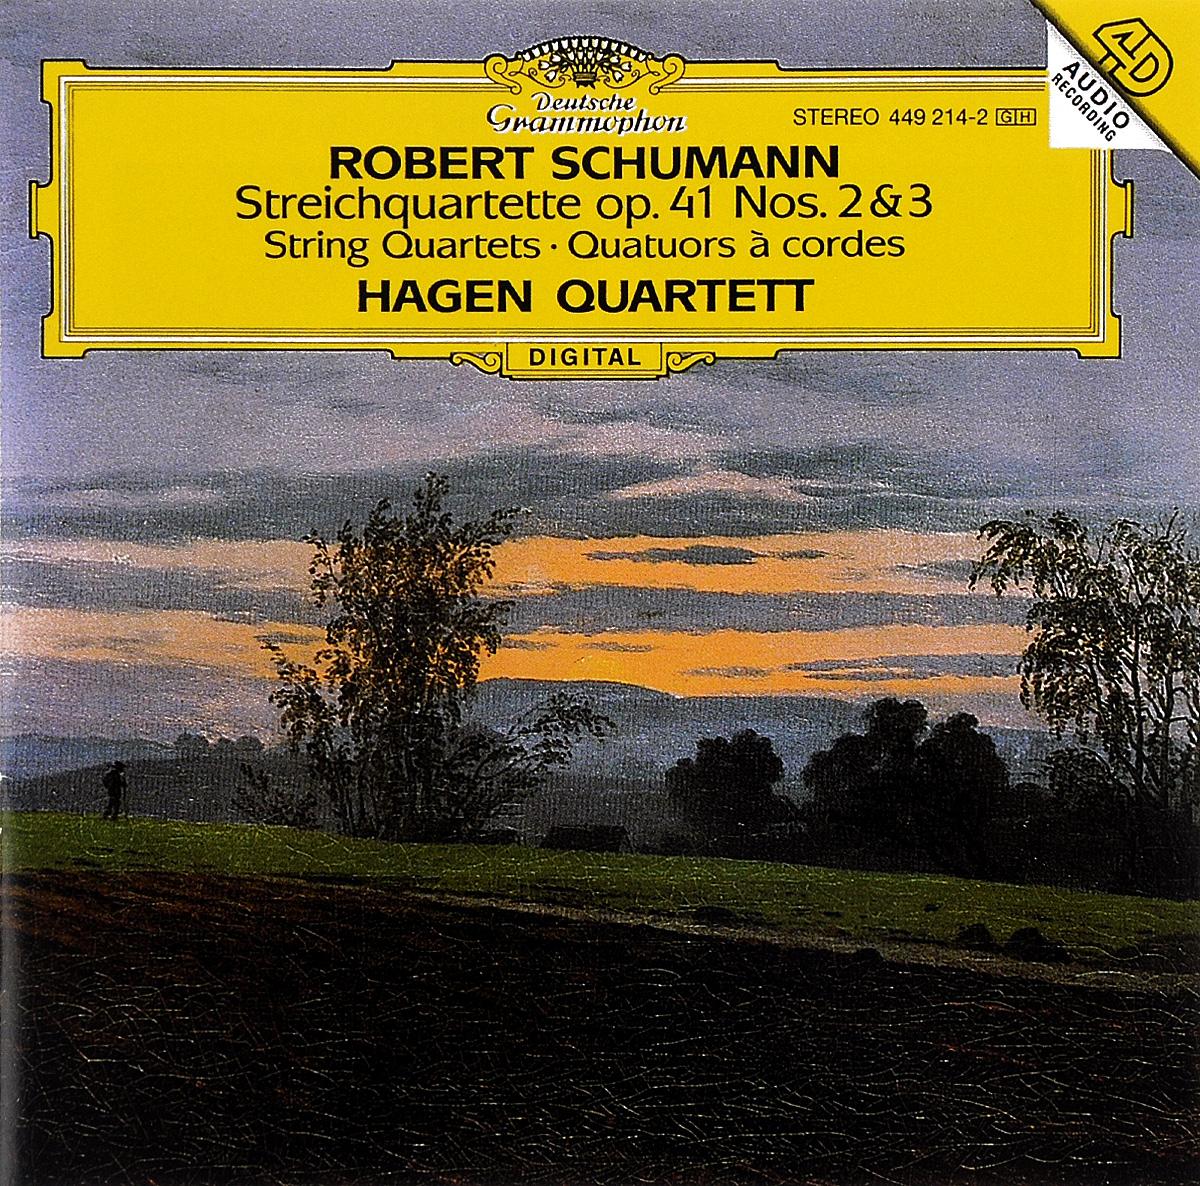 Hagen Quartett Hagen Quartett. Schumann. Streichquartette Op. 41 Nos. 2 & 3 hagen распылитель гибкий 38см page 3